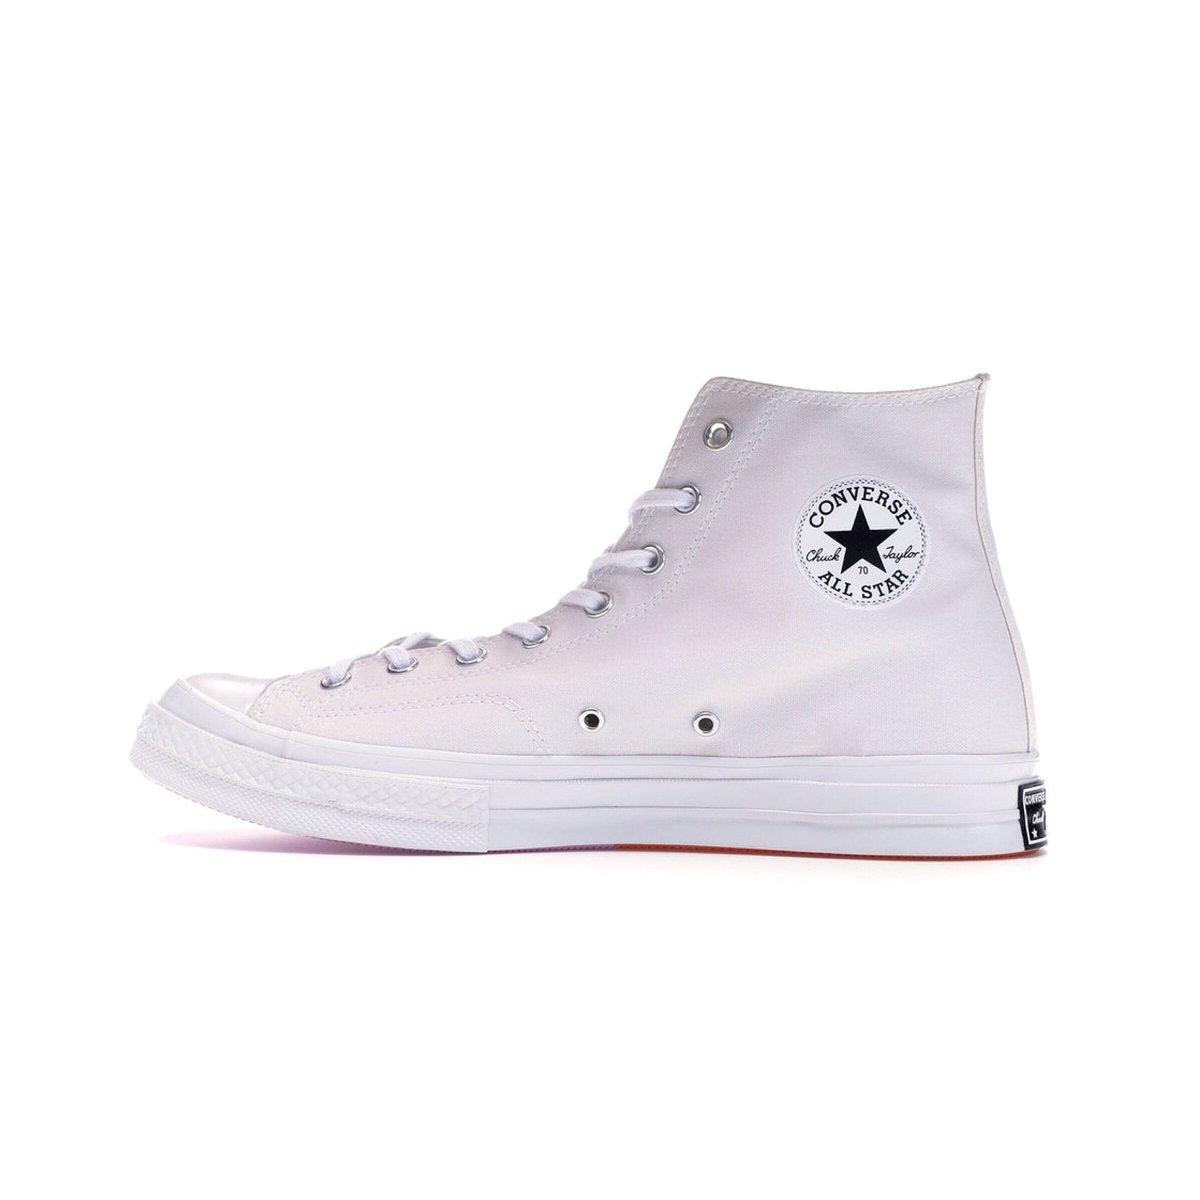 Converse Hohe Sneaker | Converse 70 Hi Schuhe beige Herren|Damen < Trancesite